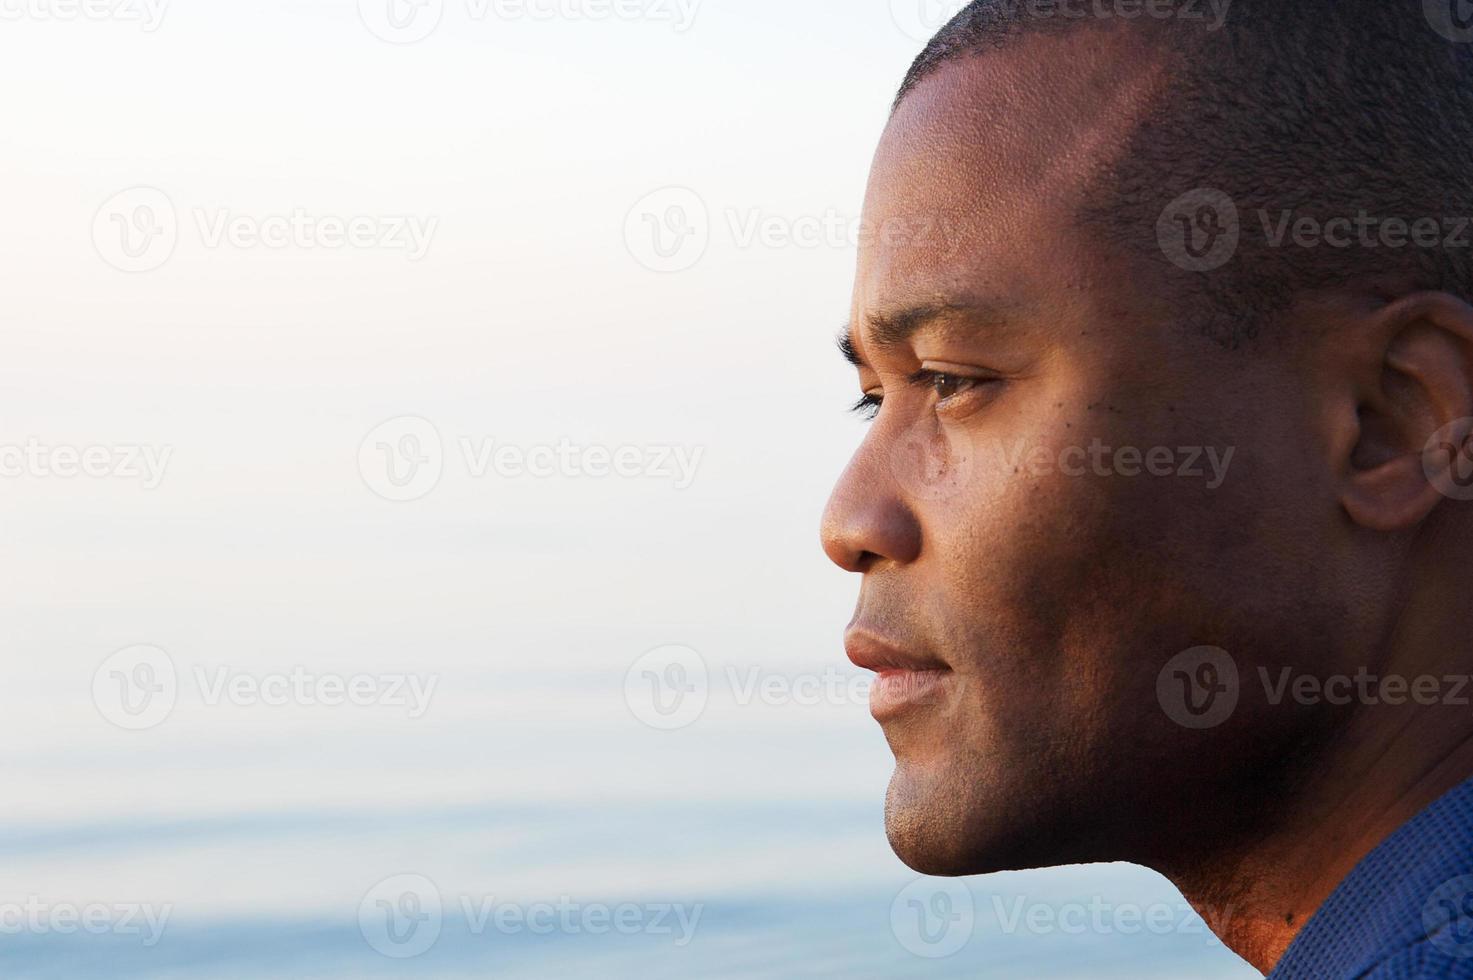 männliches Profil am frühen Morgen foto